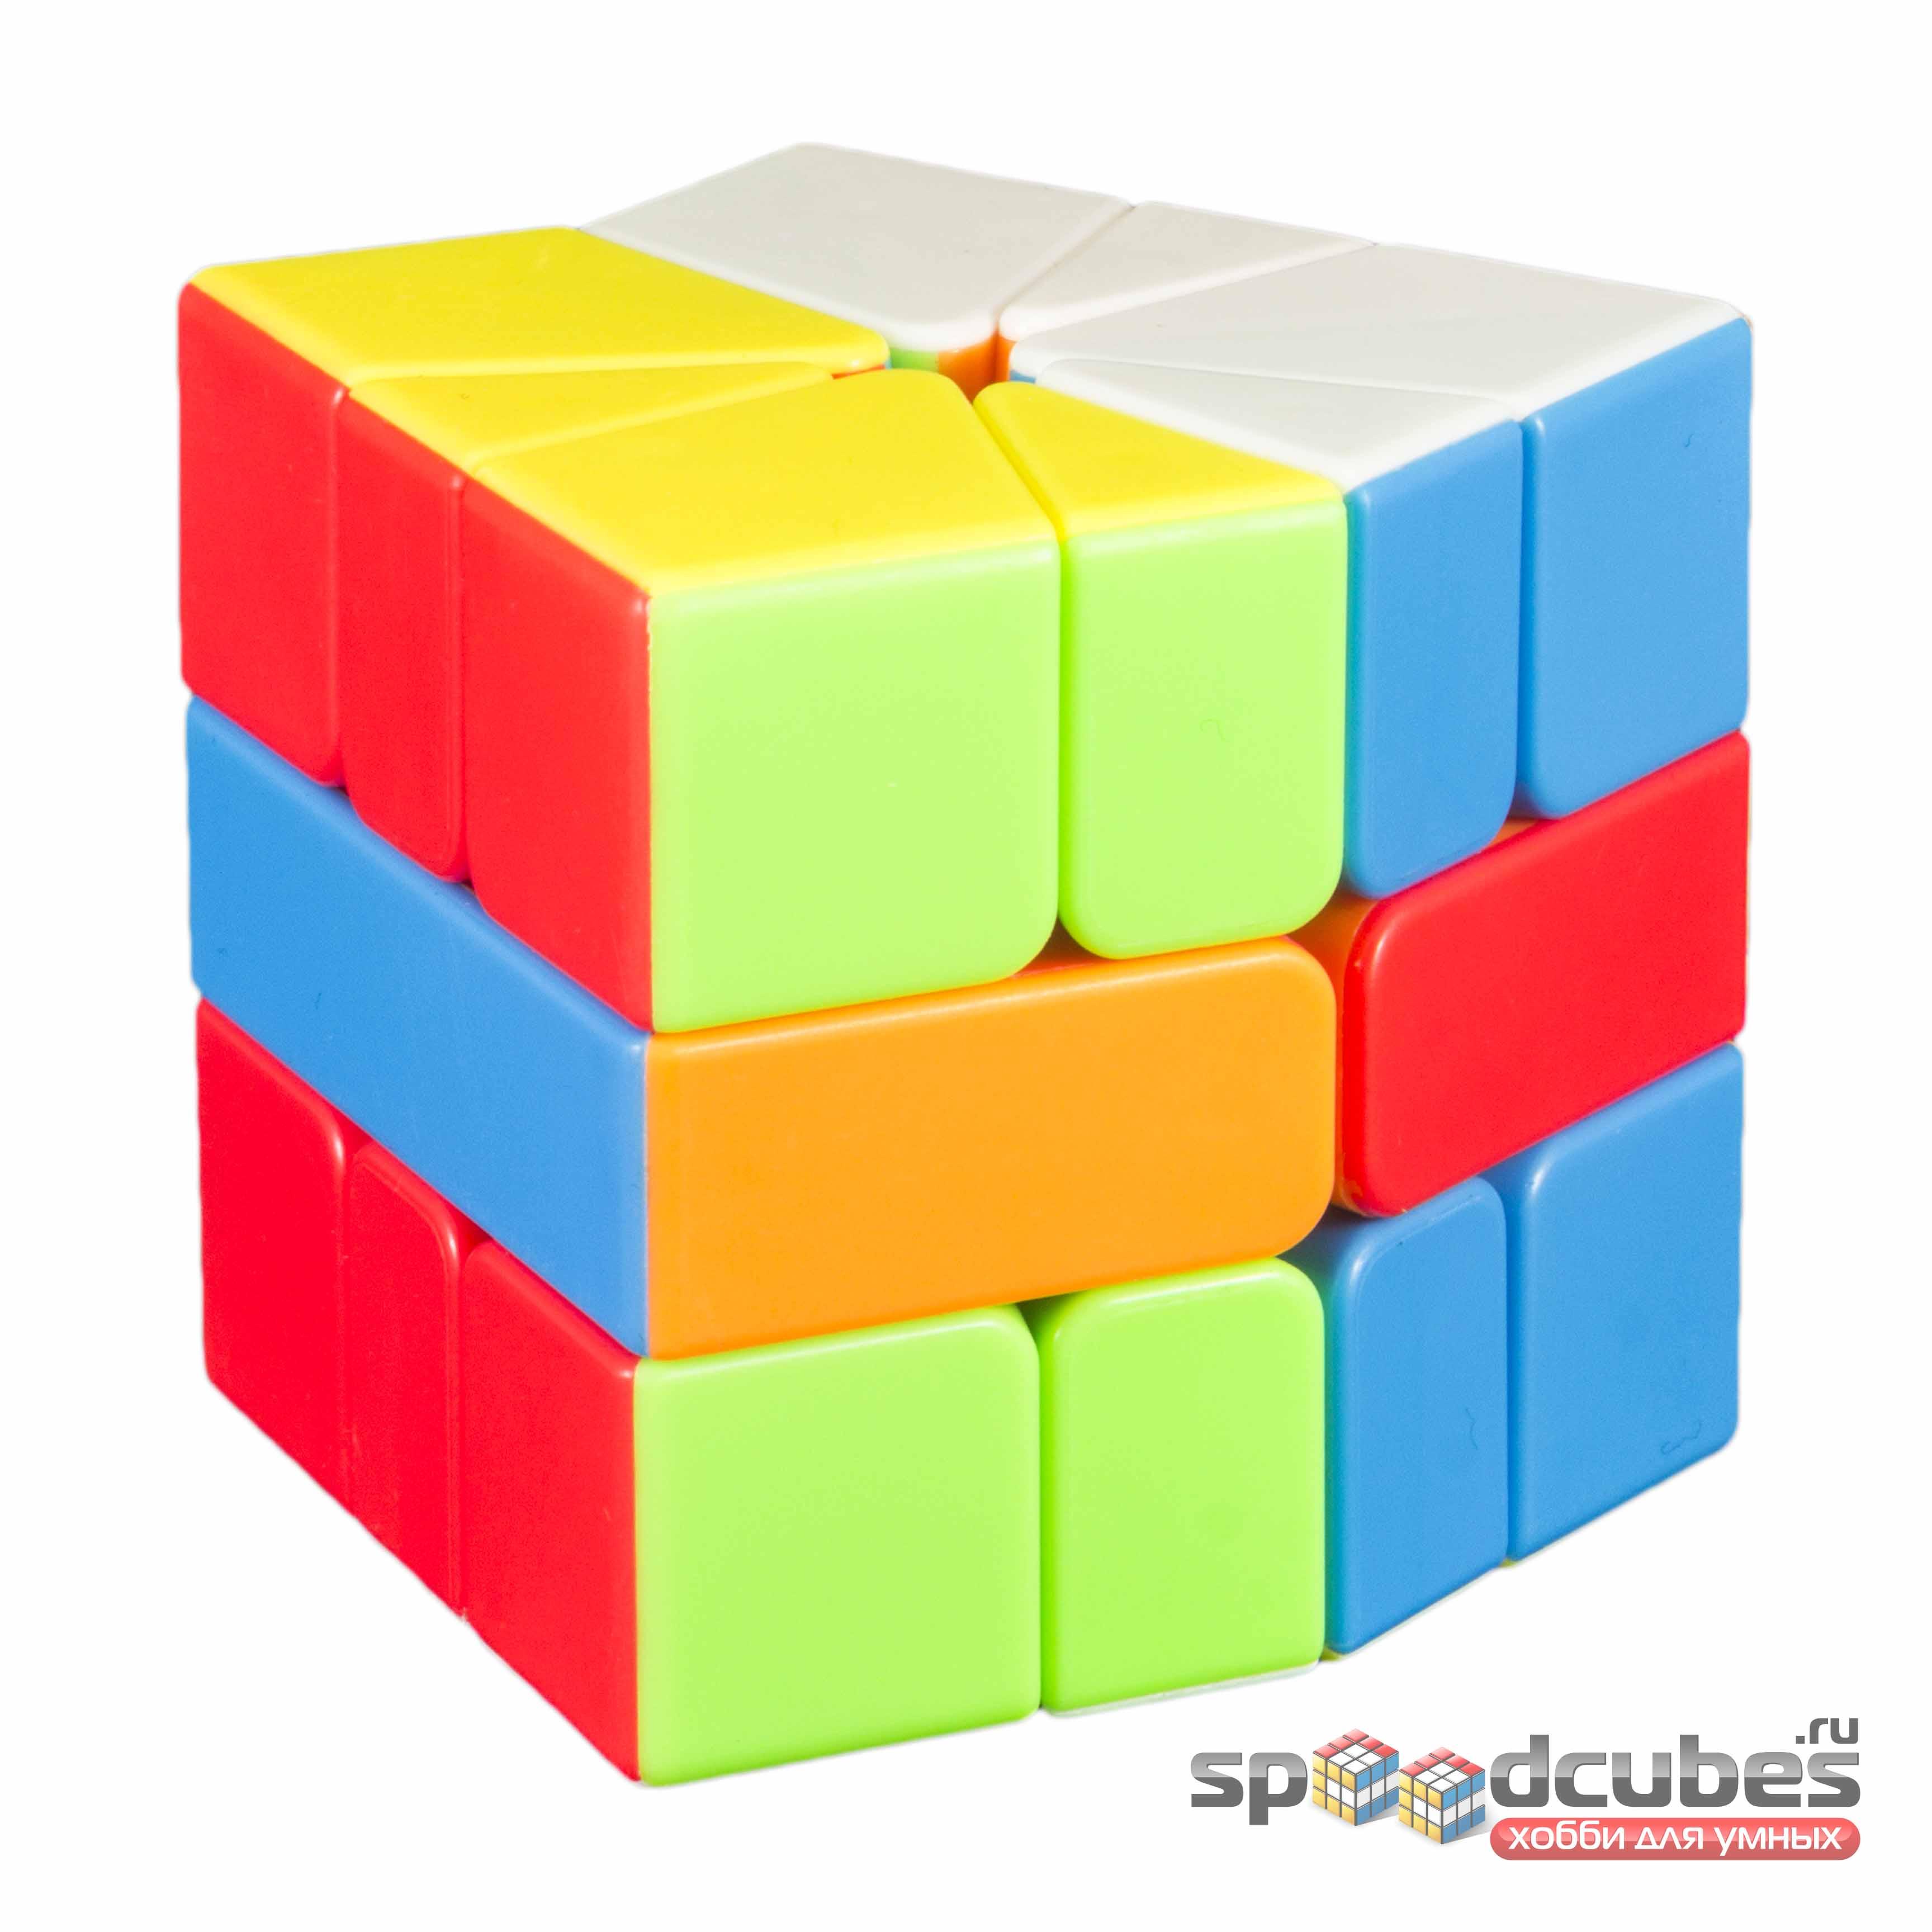 Набор MoYu Cubing Classroom WCA Set 6